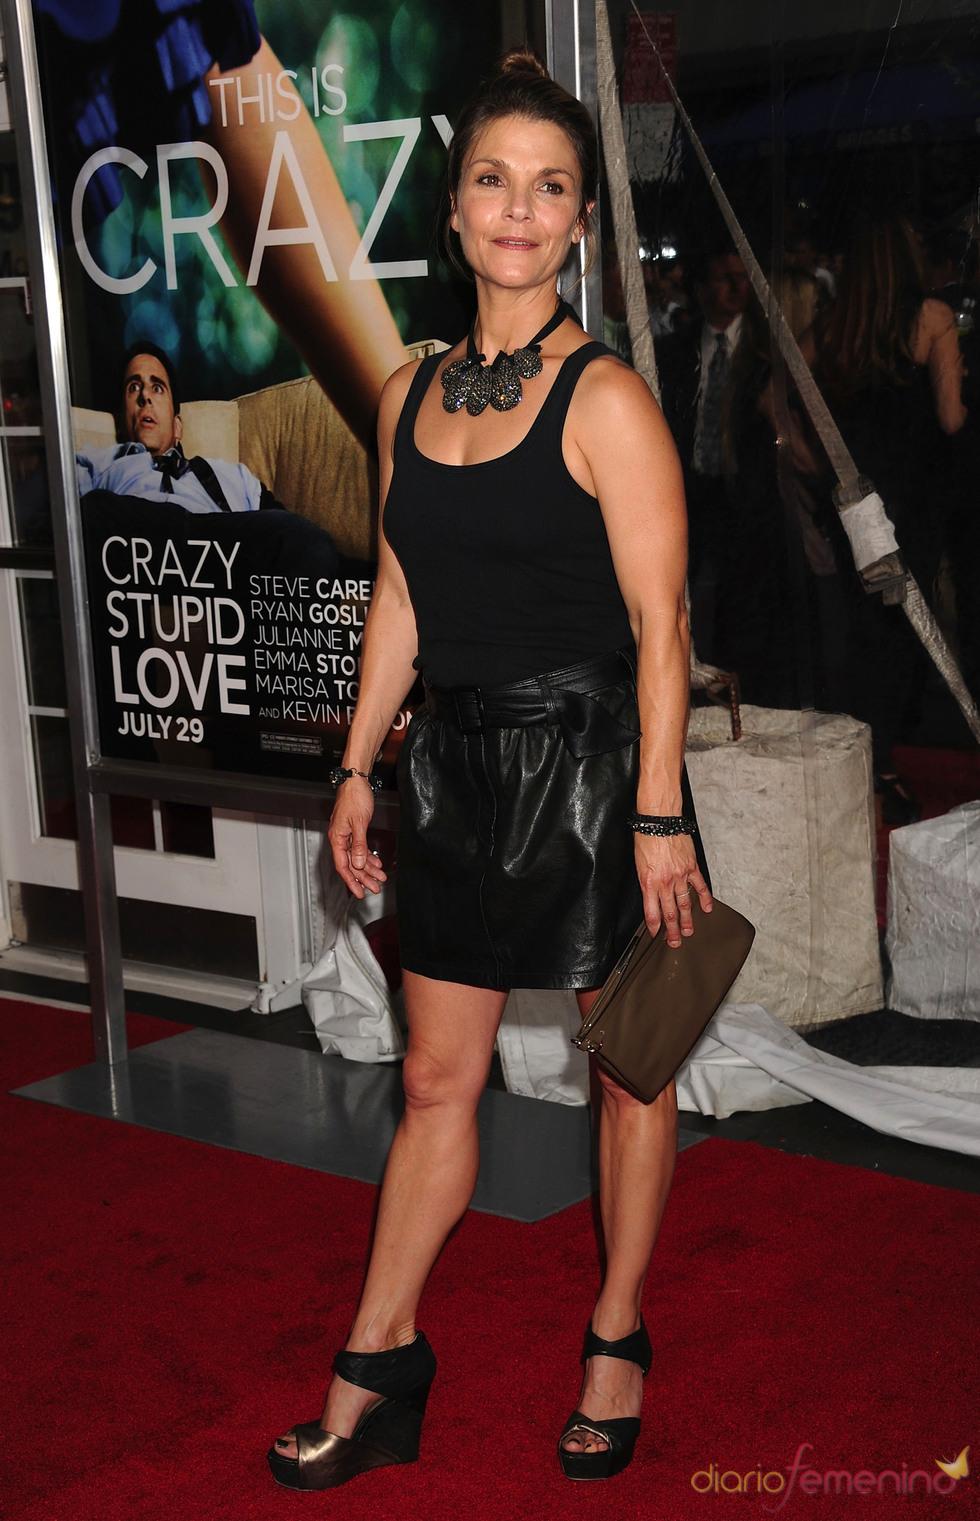 Kathryn Erbe en la premiere de 'Crazy, Stupid, Love' en Nueva York